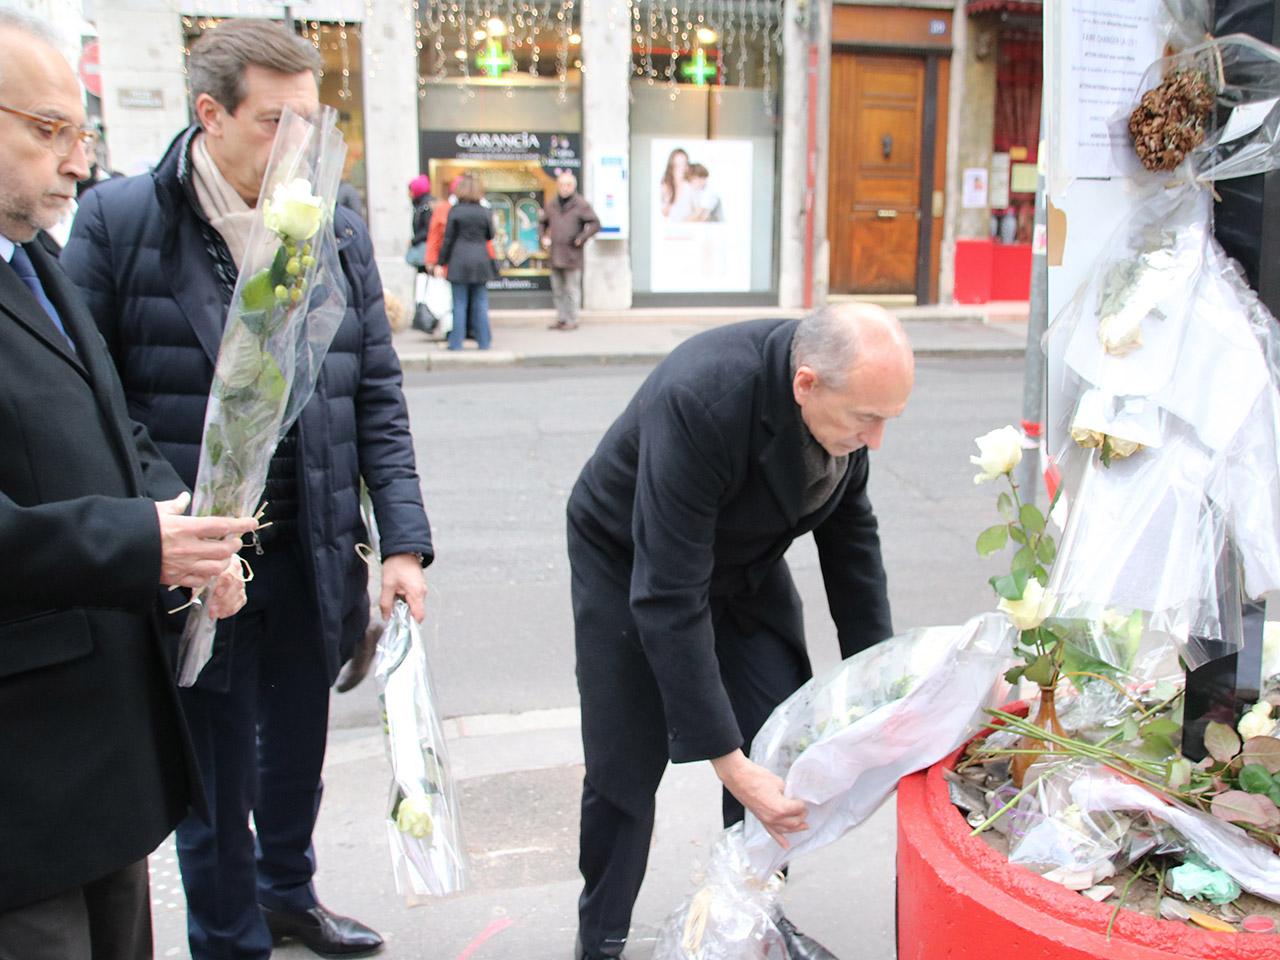 Jean-Yves Sécheresse, Pascal Blache et Gérard Collomb déposent des fleurs pour Anne-Laure - LyonMag